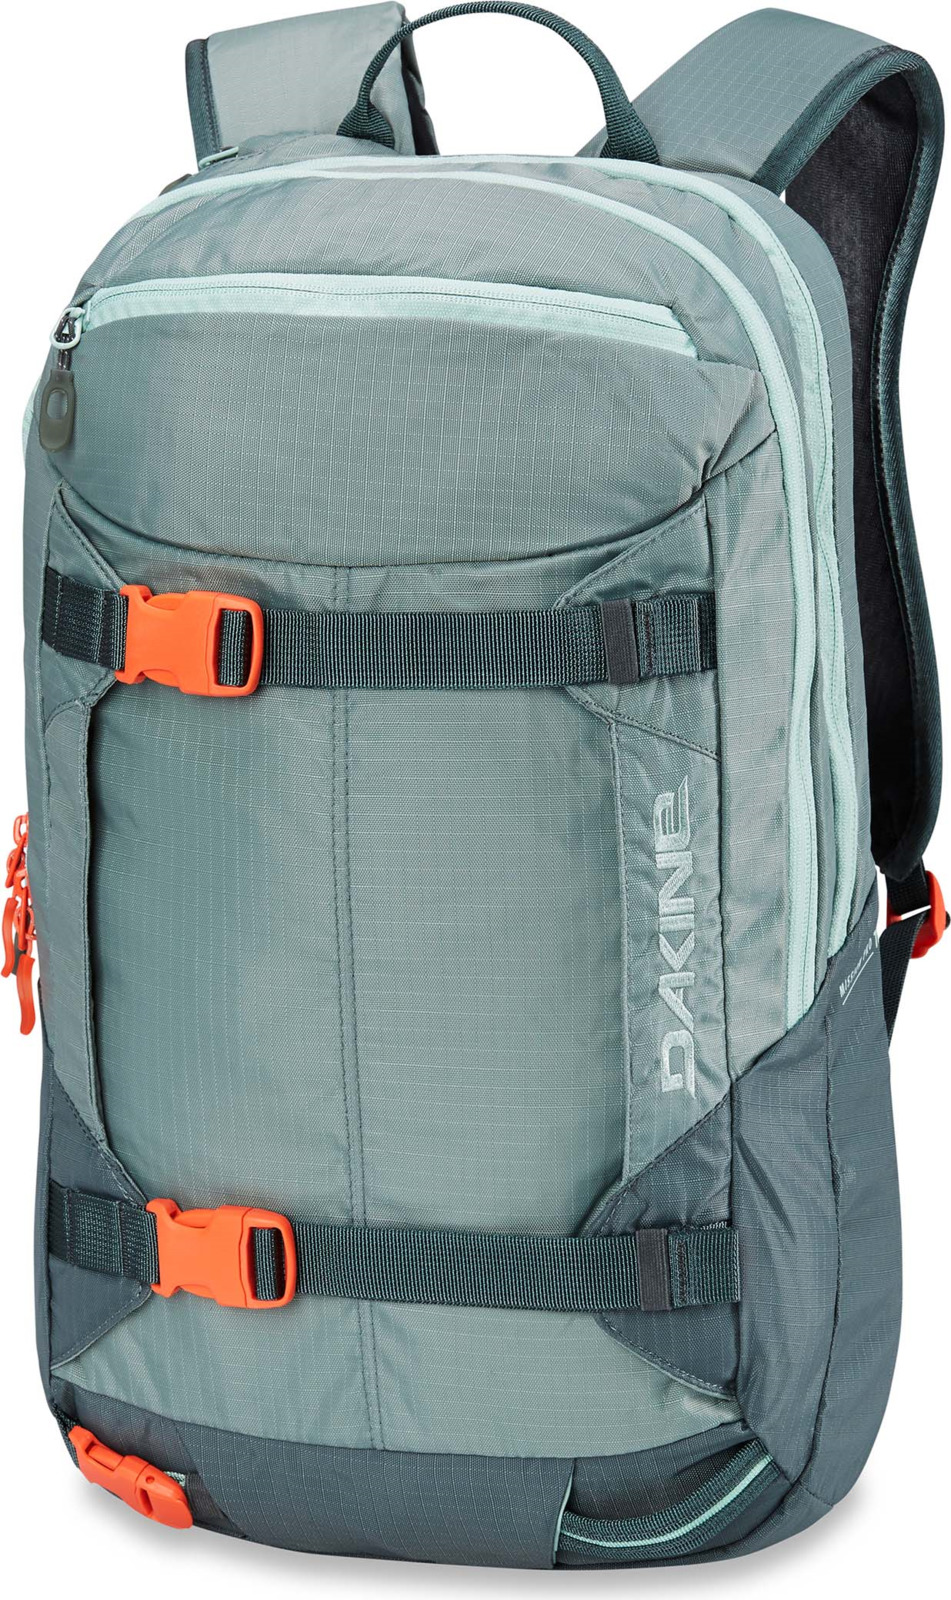 Рюкзак женский Dakine Women's Mission Pro, цвет: бирюзовый, 18 л менк персиковый нектар 1 л